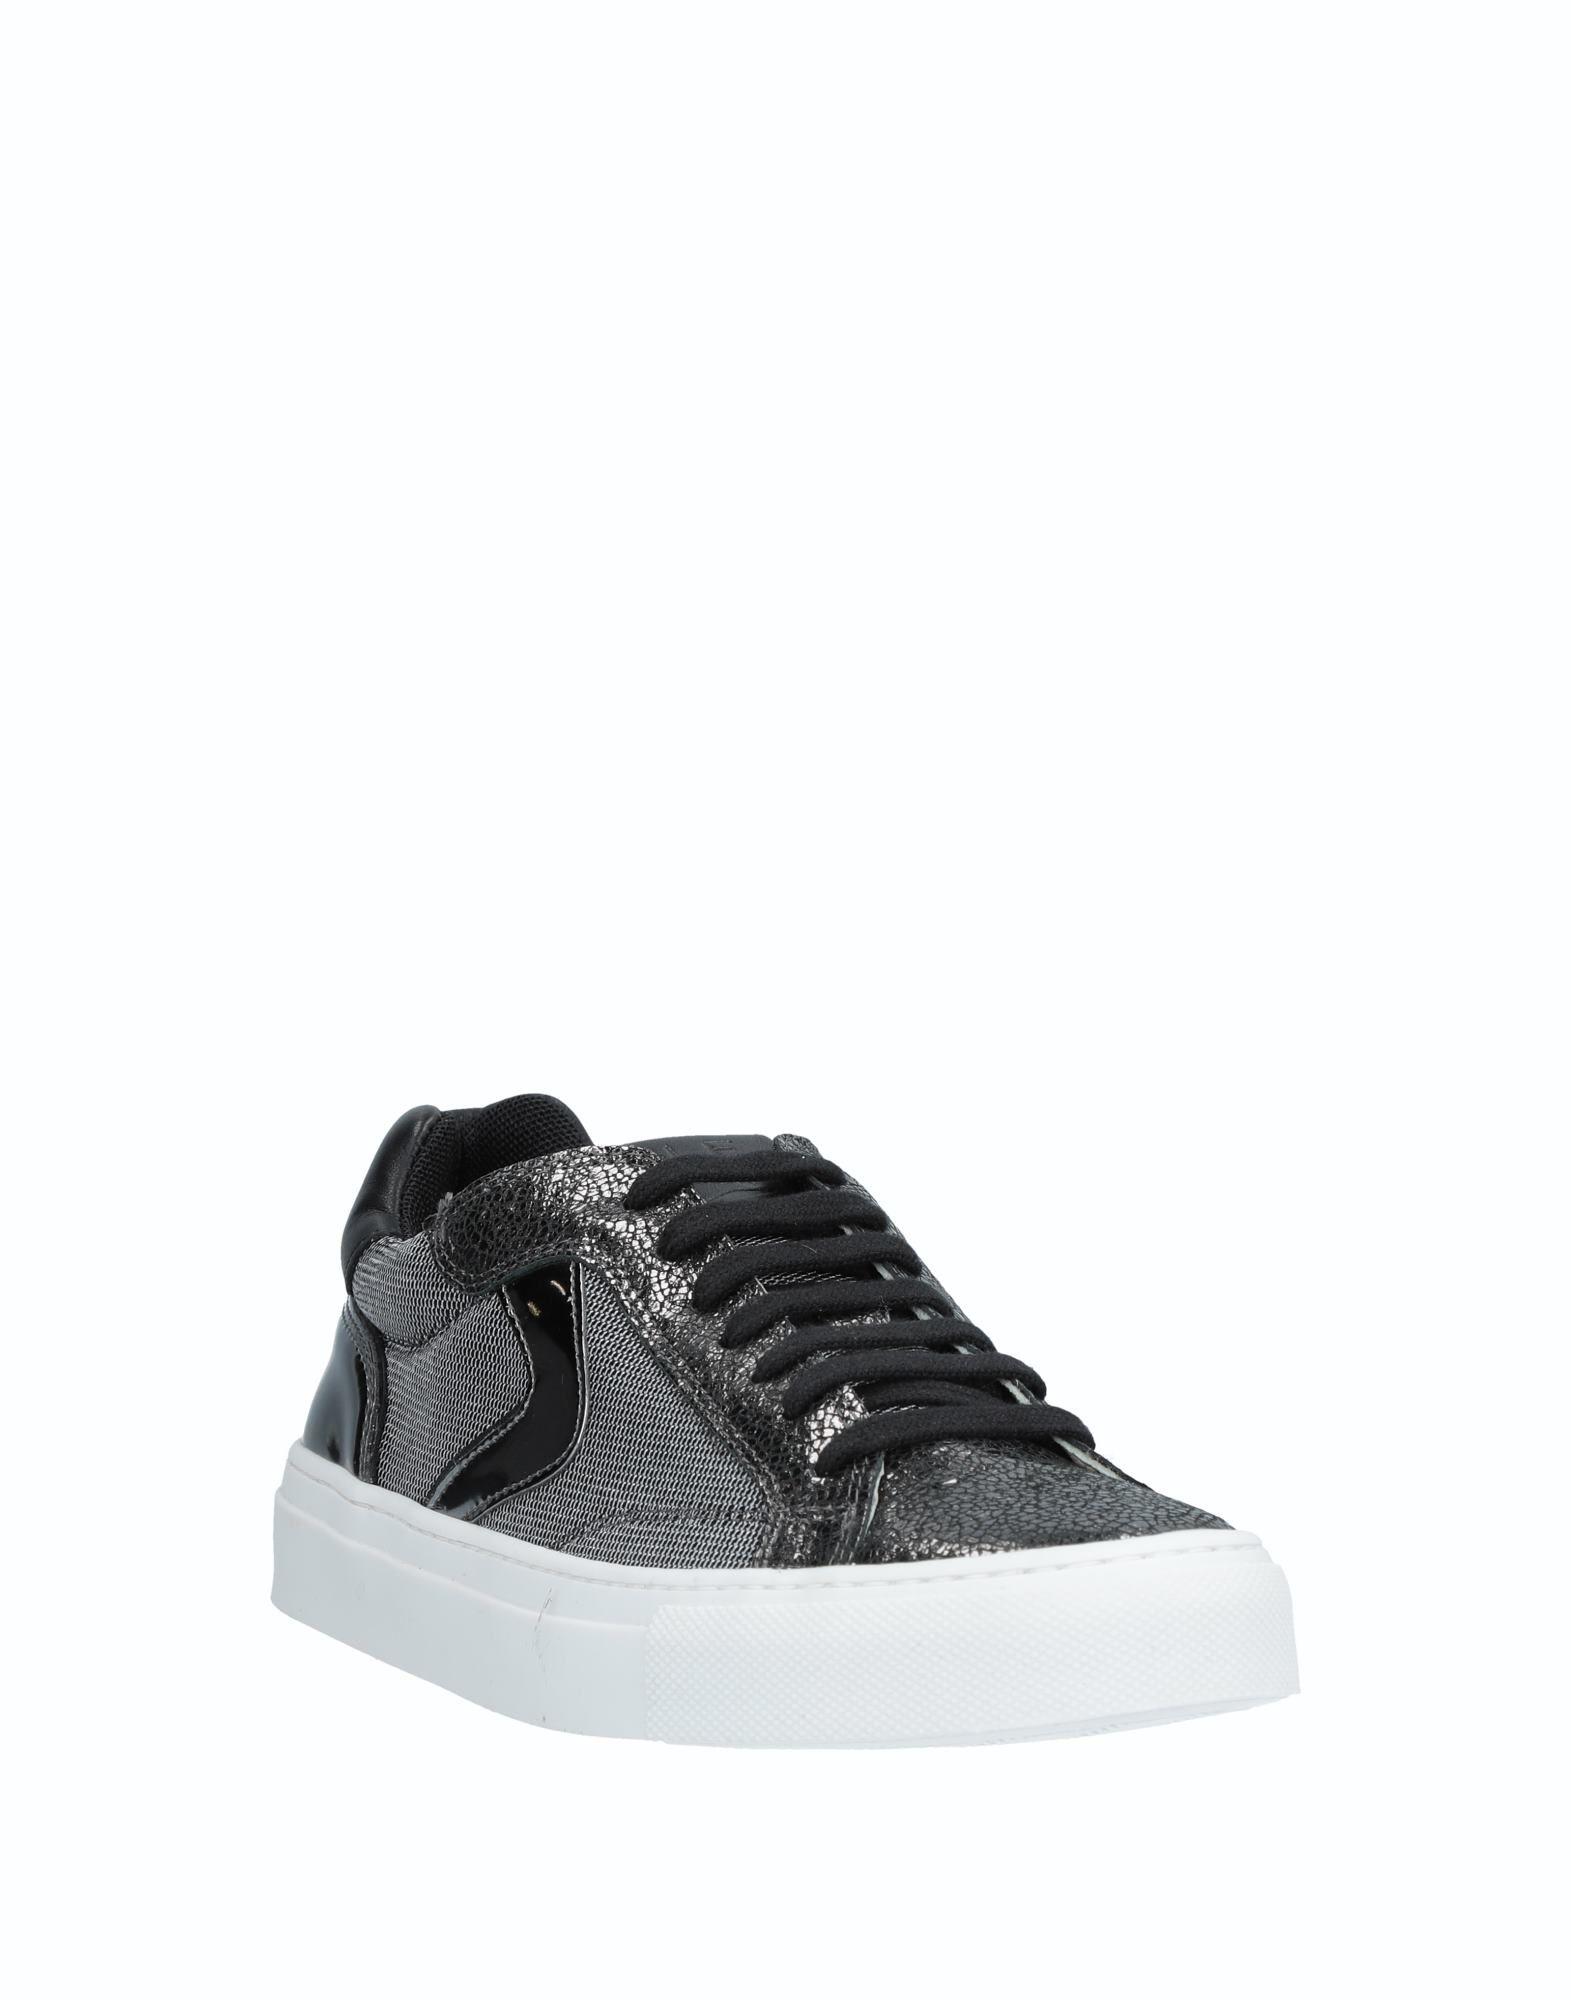 Stilvolle billige Sneakers Schuhe Voile Blanche Sneakers billige Damen  11537183JP 0f0b19